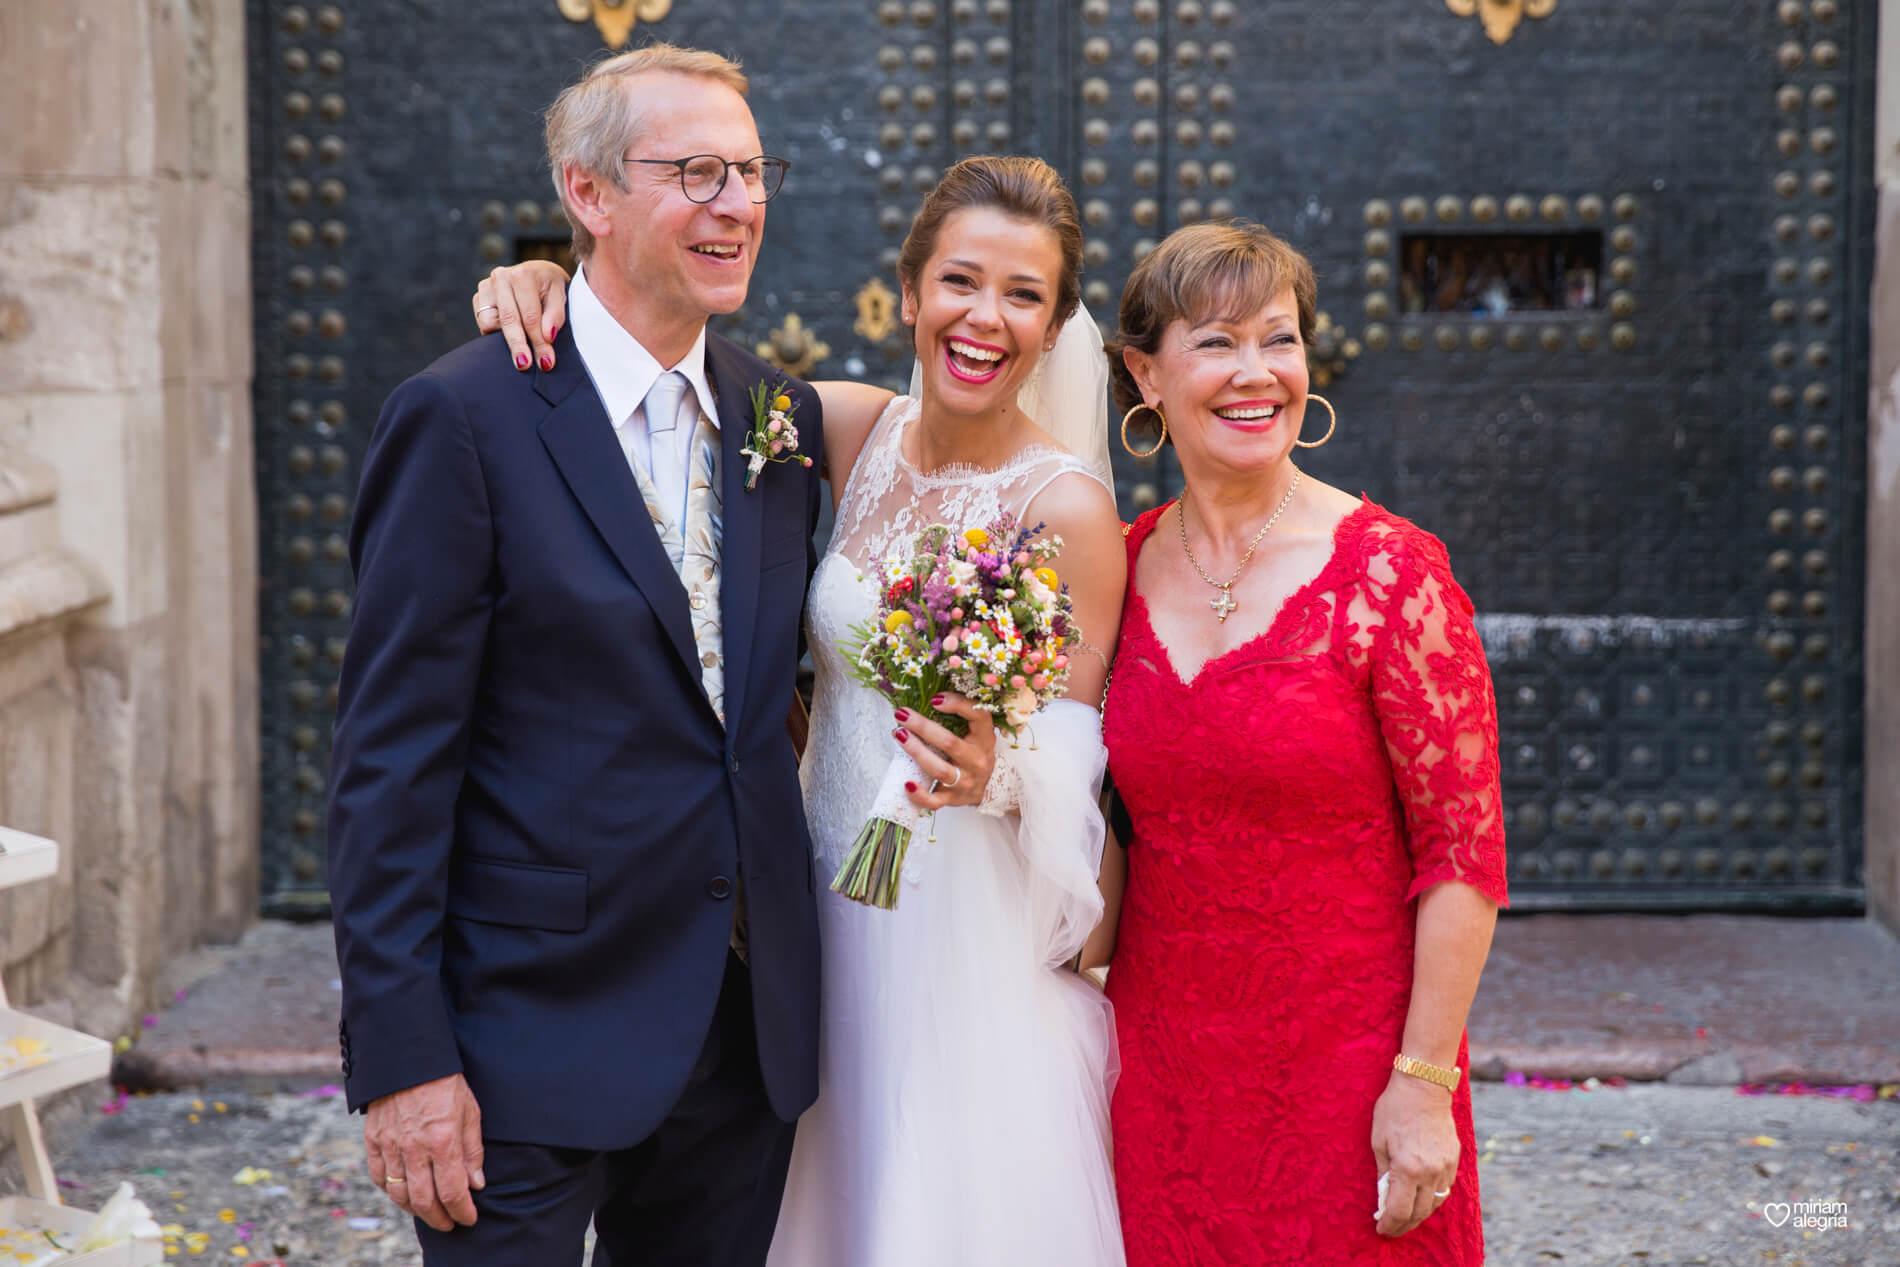 wedding-huerto-del-cura-elche-miriam-alegria-fotografos-boda-259